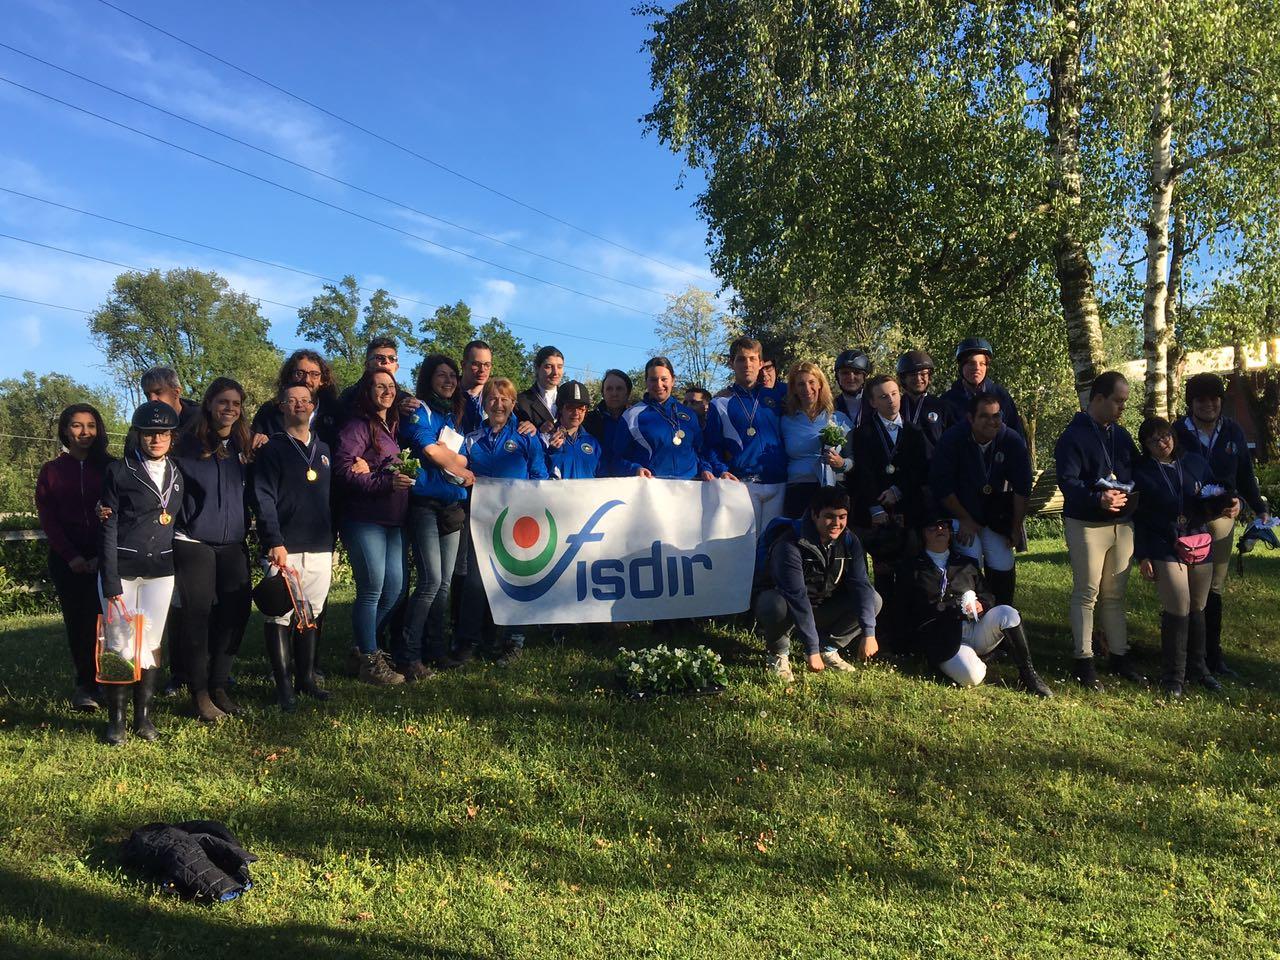 Equitazione: titoli regionali e qualificazione ai Tricolori in palio domenica a Cislago